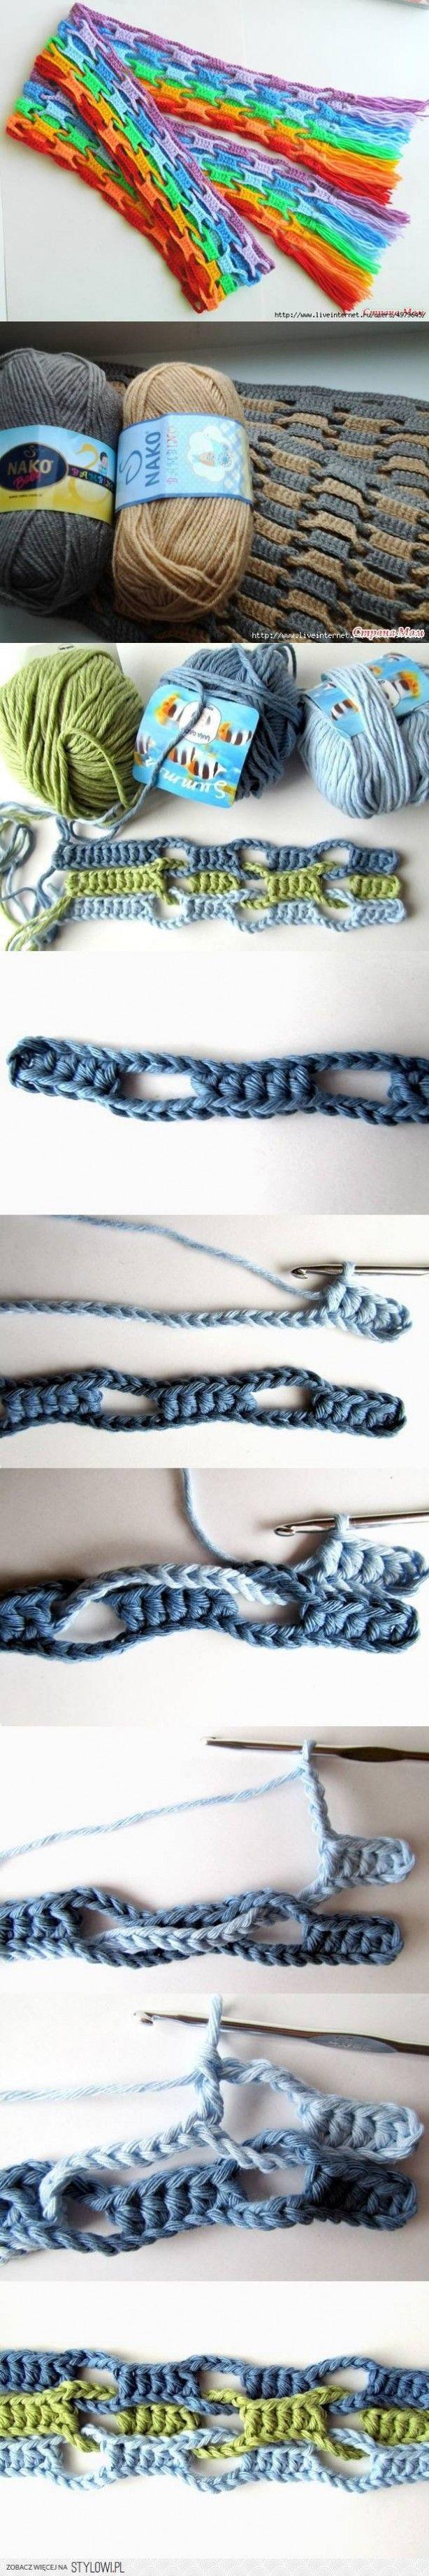 Grappige techniek. Weer een andere manier om een sjaal te maken